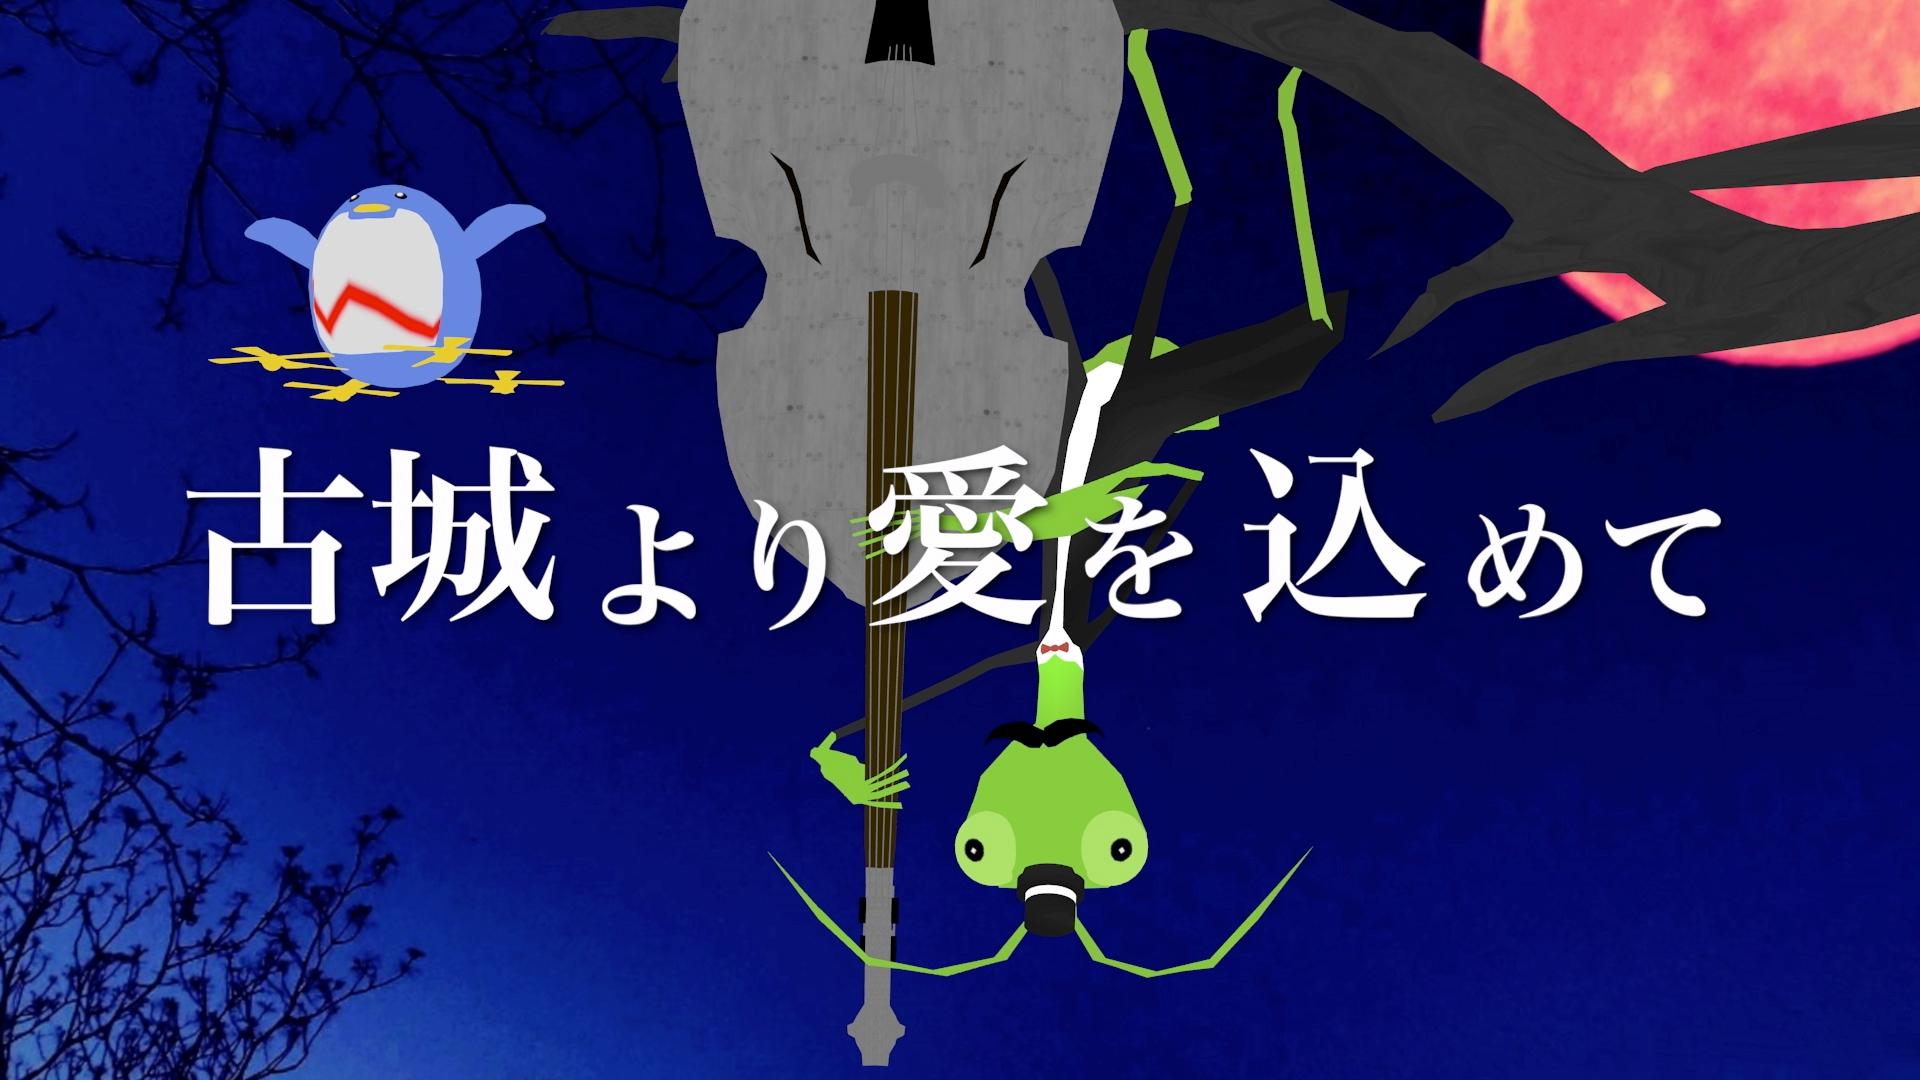 【動画】バーチャルコントラバスソロ「古城より愛を込めて」【半熟UFO】